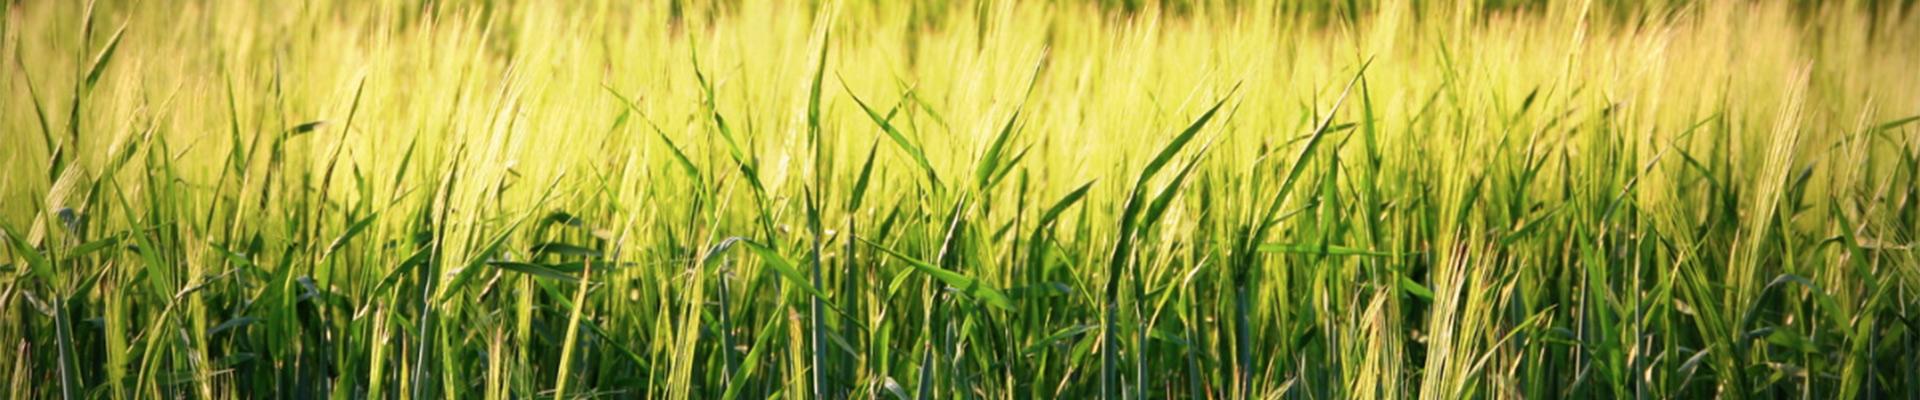 REWE Istas – Unser Bio Sortiment